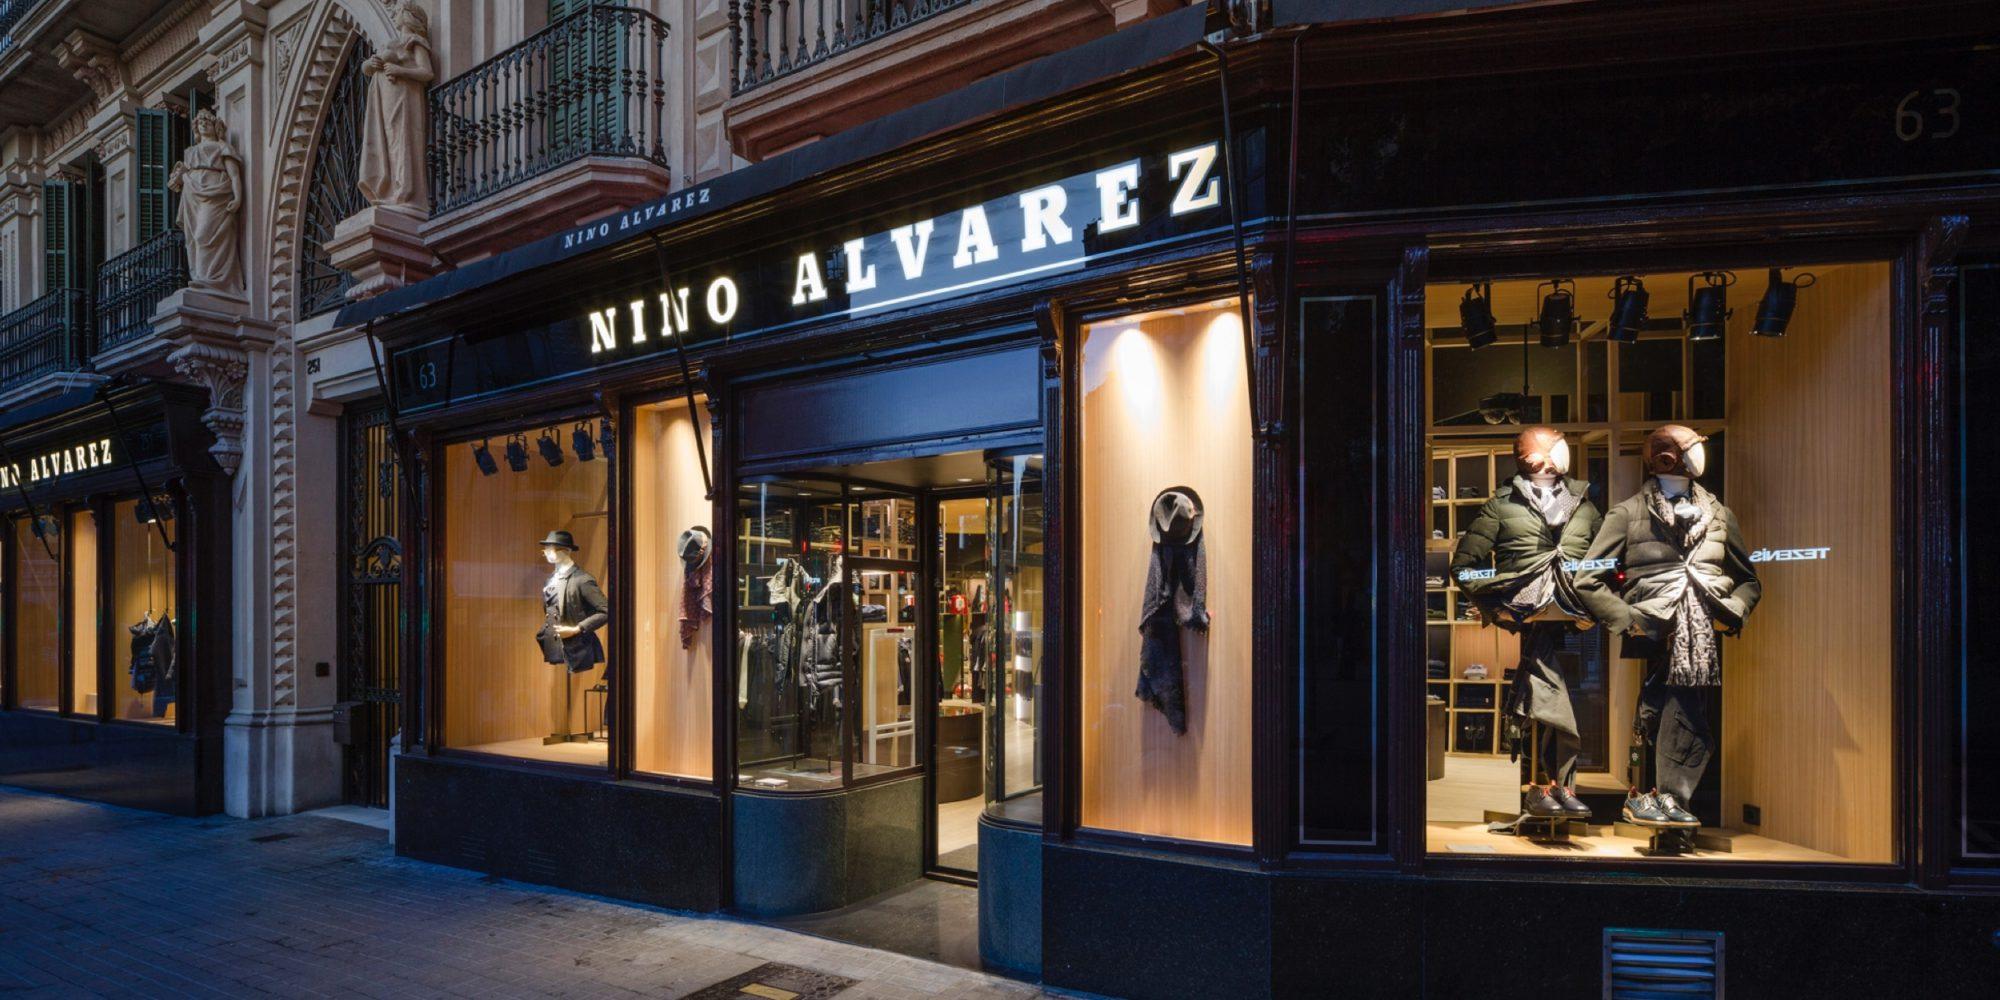 Nino Alvarez